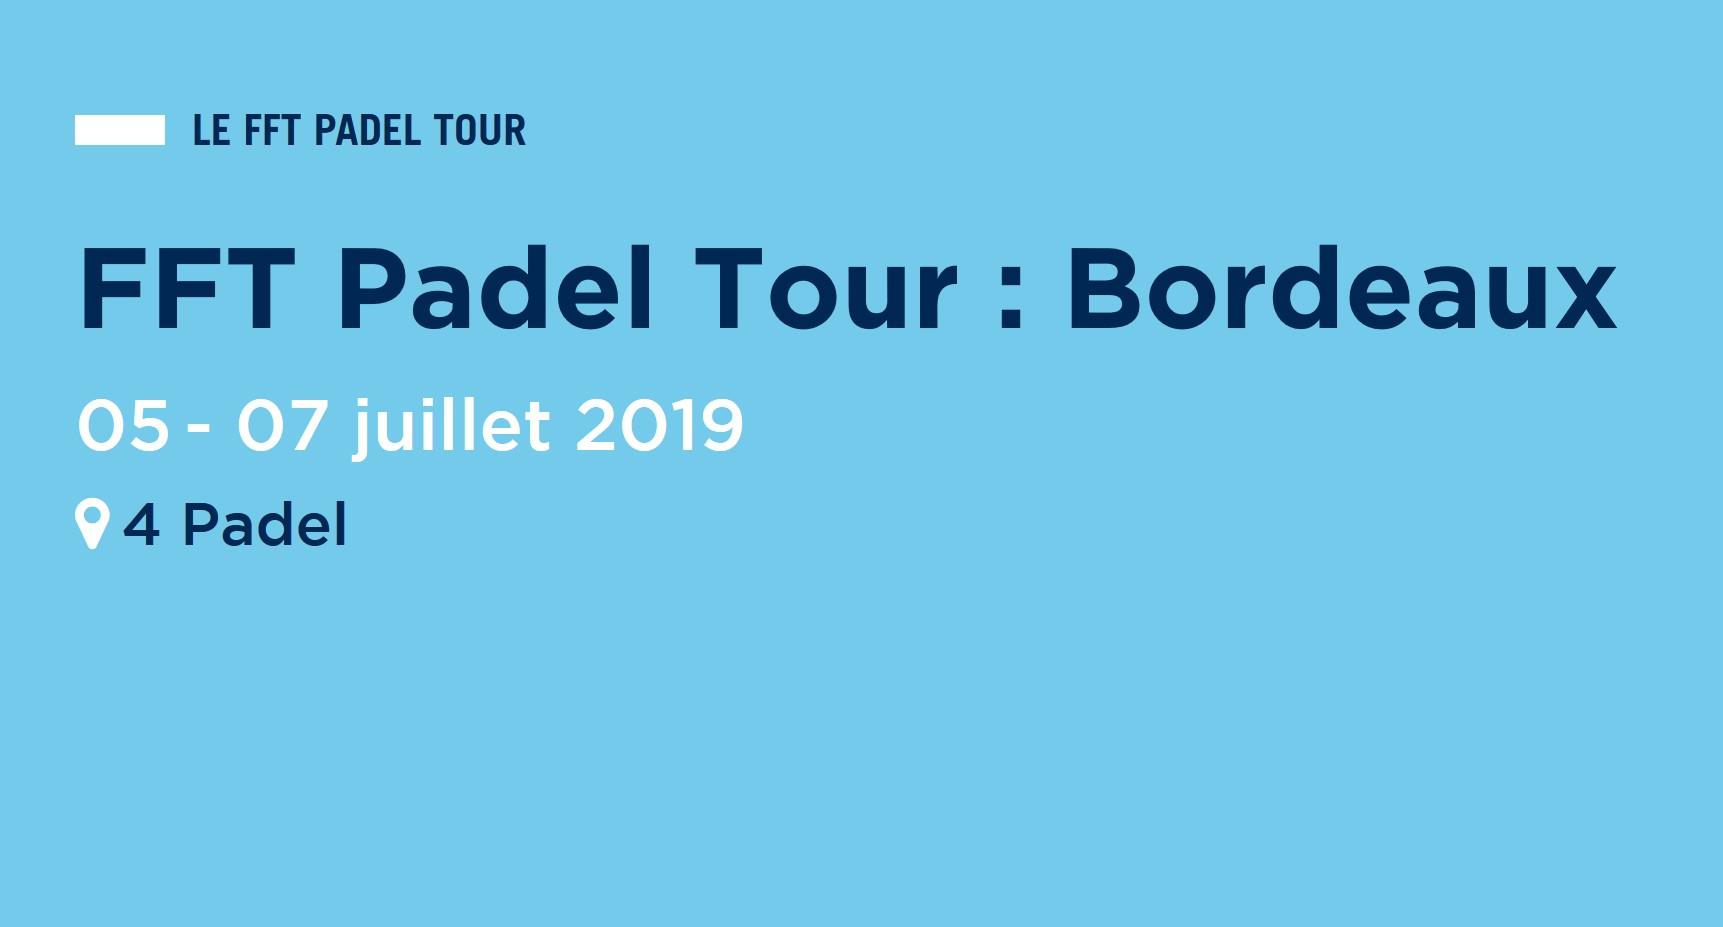 P2000 FFT PADEL TOUR – Bordeaux – Tirage au sort